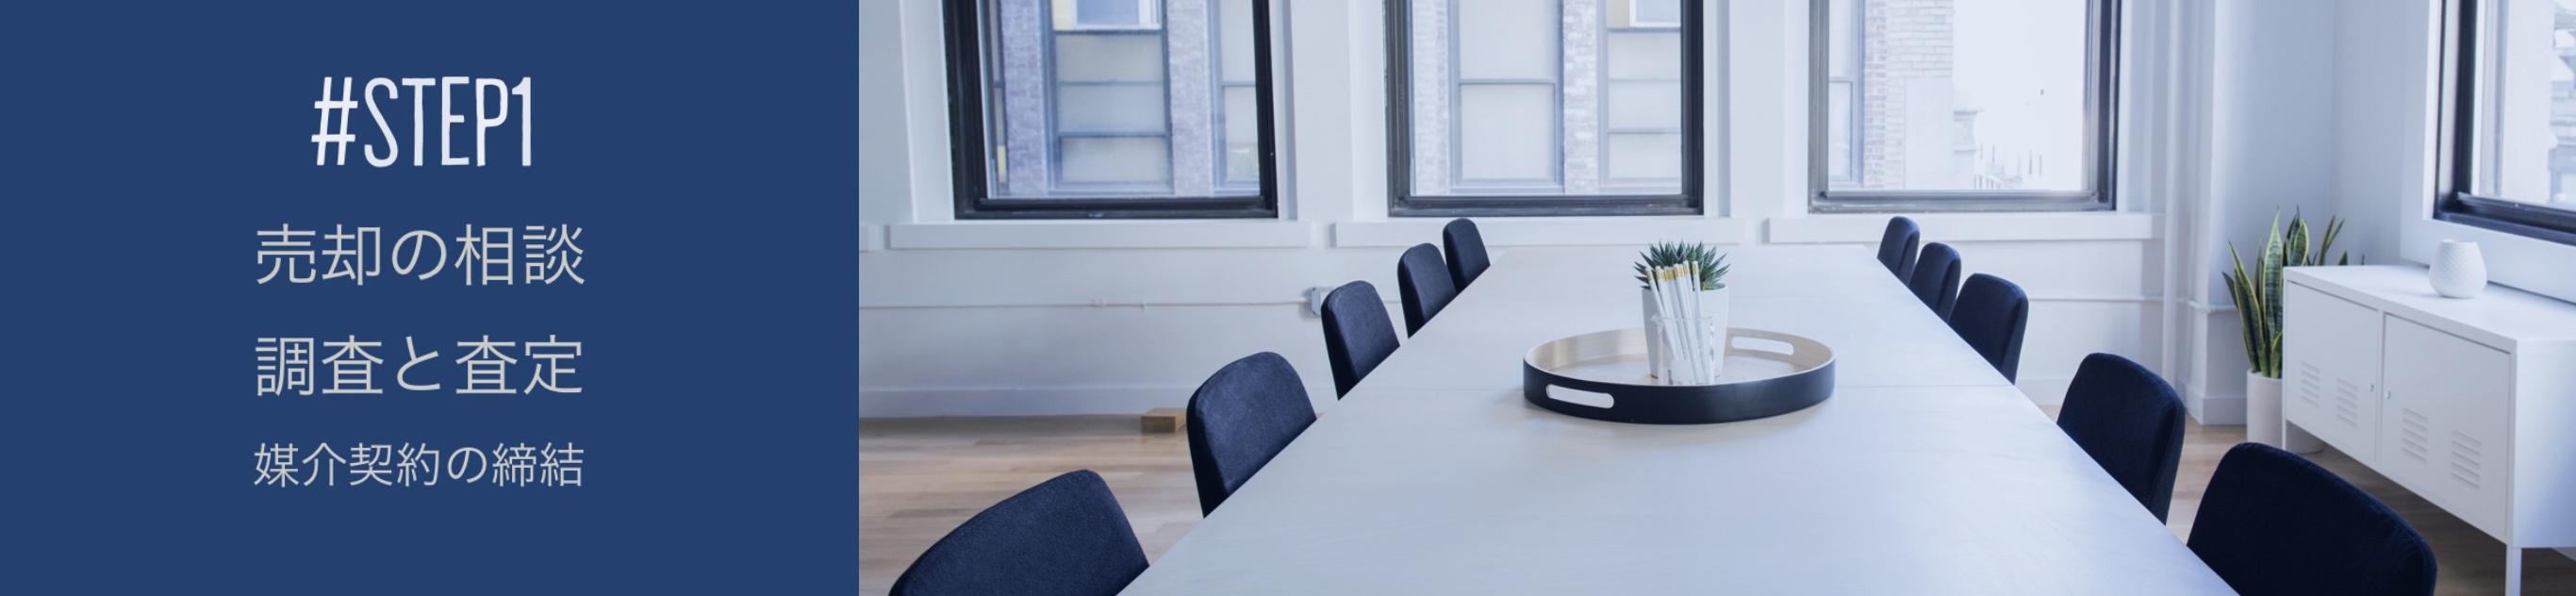 売却の相談、物件調査・査定、媒介契約